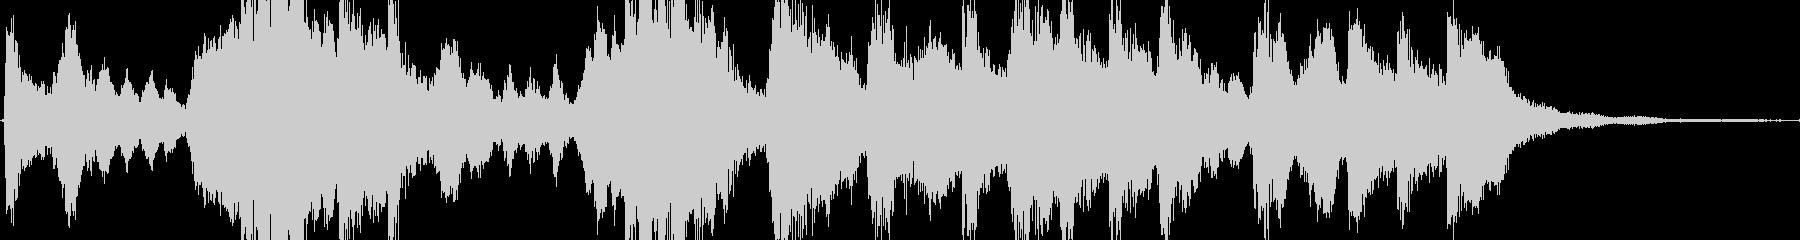 華やかに祝福するイメージのジングルの未再生の波形